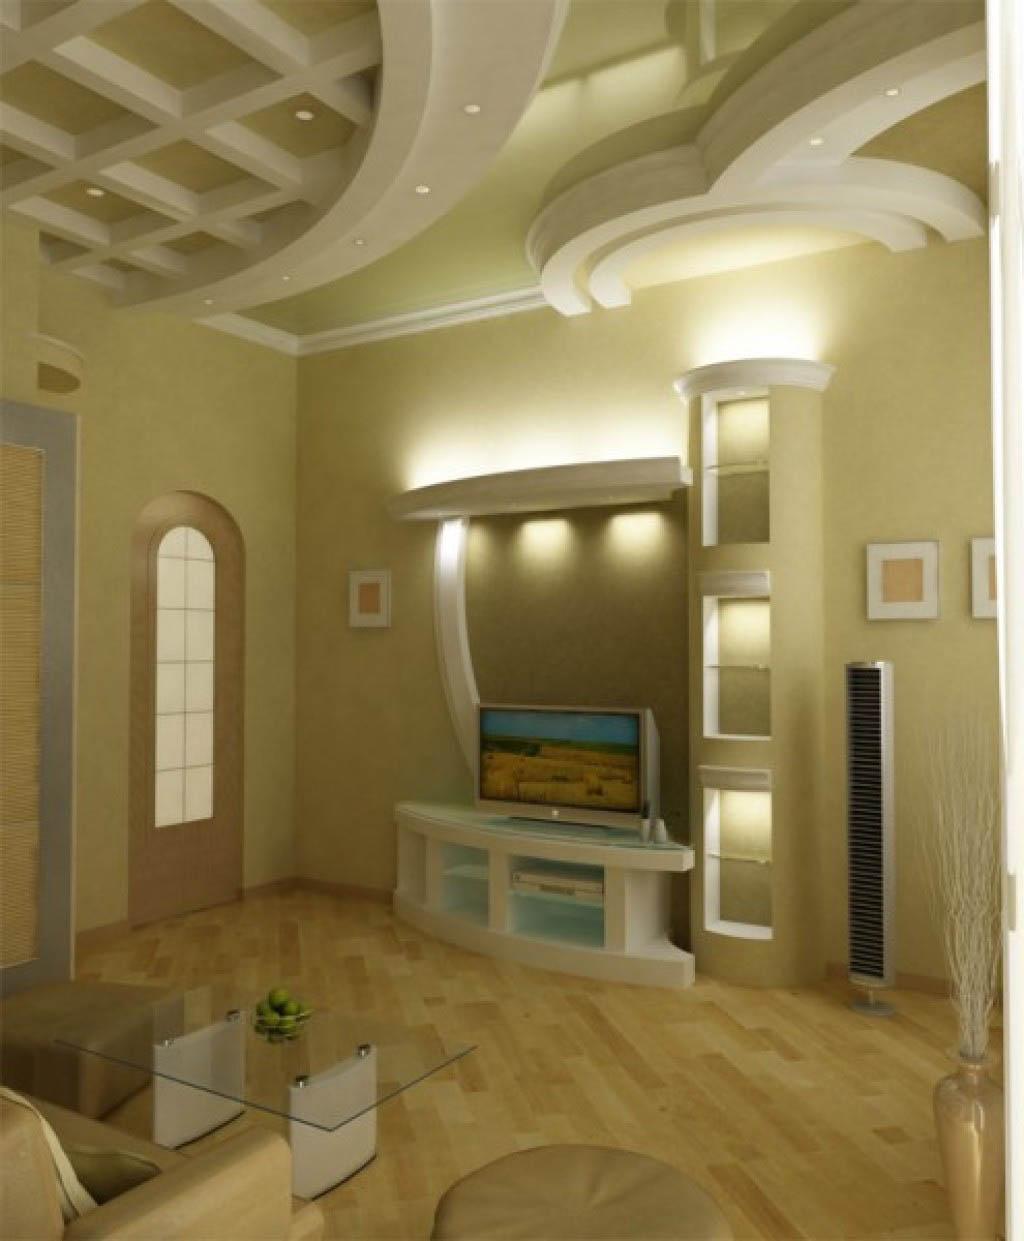 подготовили для фото гипсокартоновых потолков совмещенных комнат территории располагается несколько